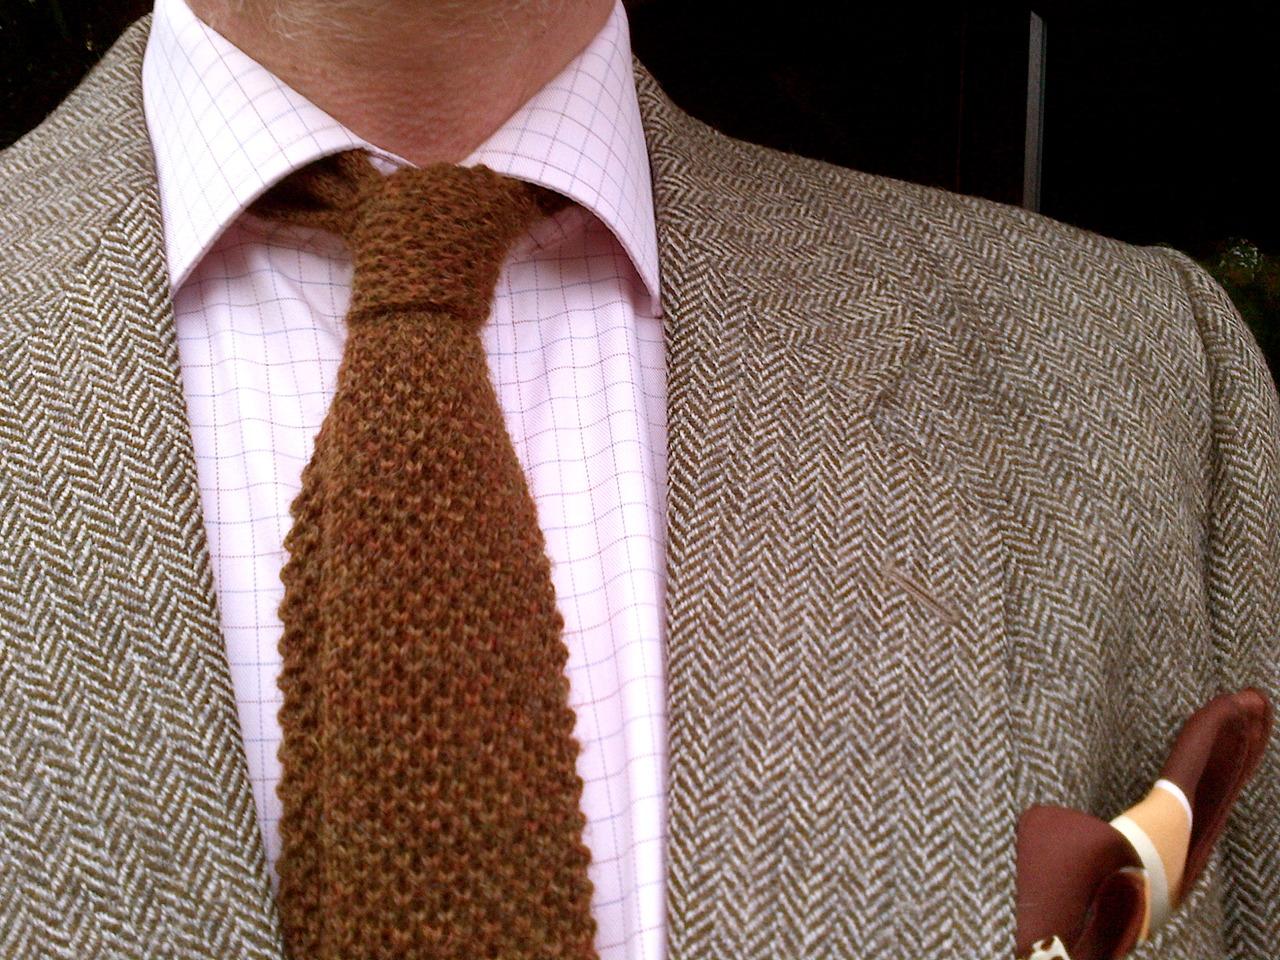 wool knit tie photo - 1